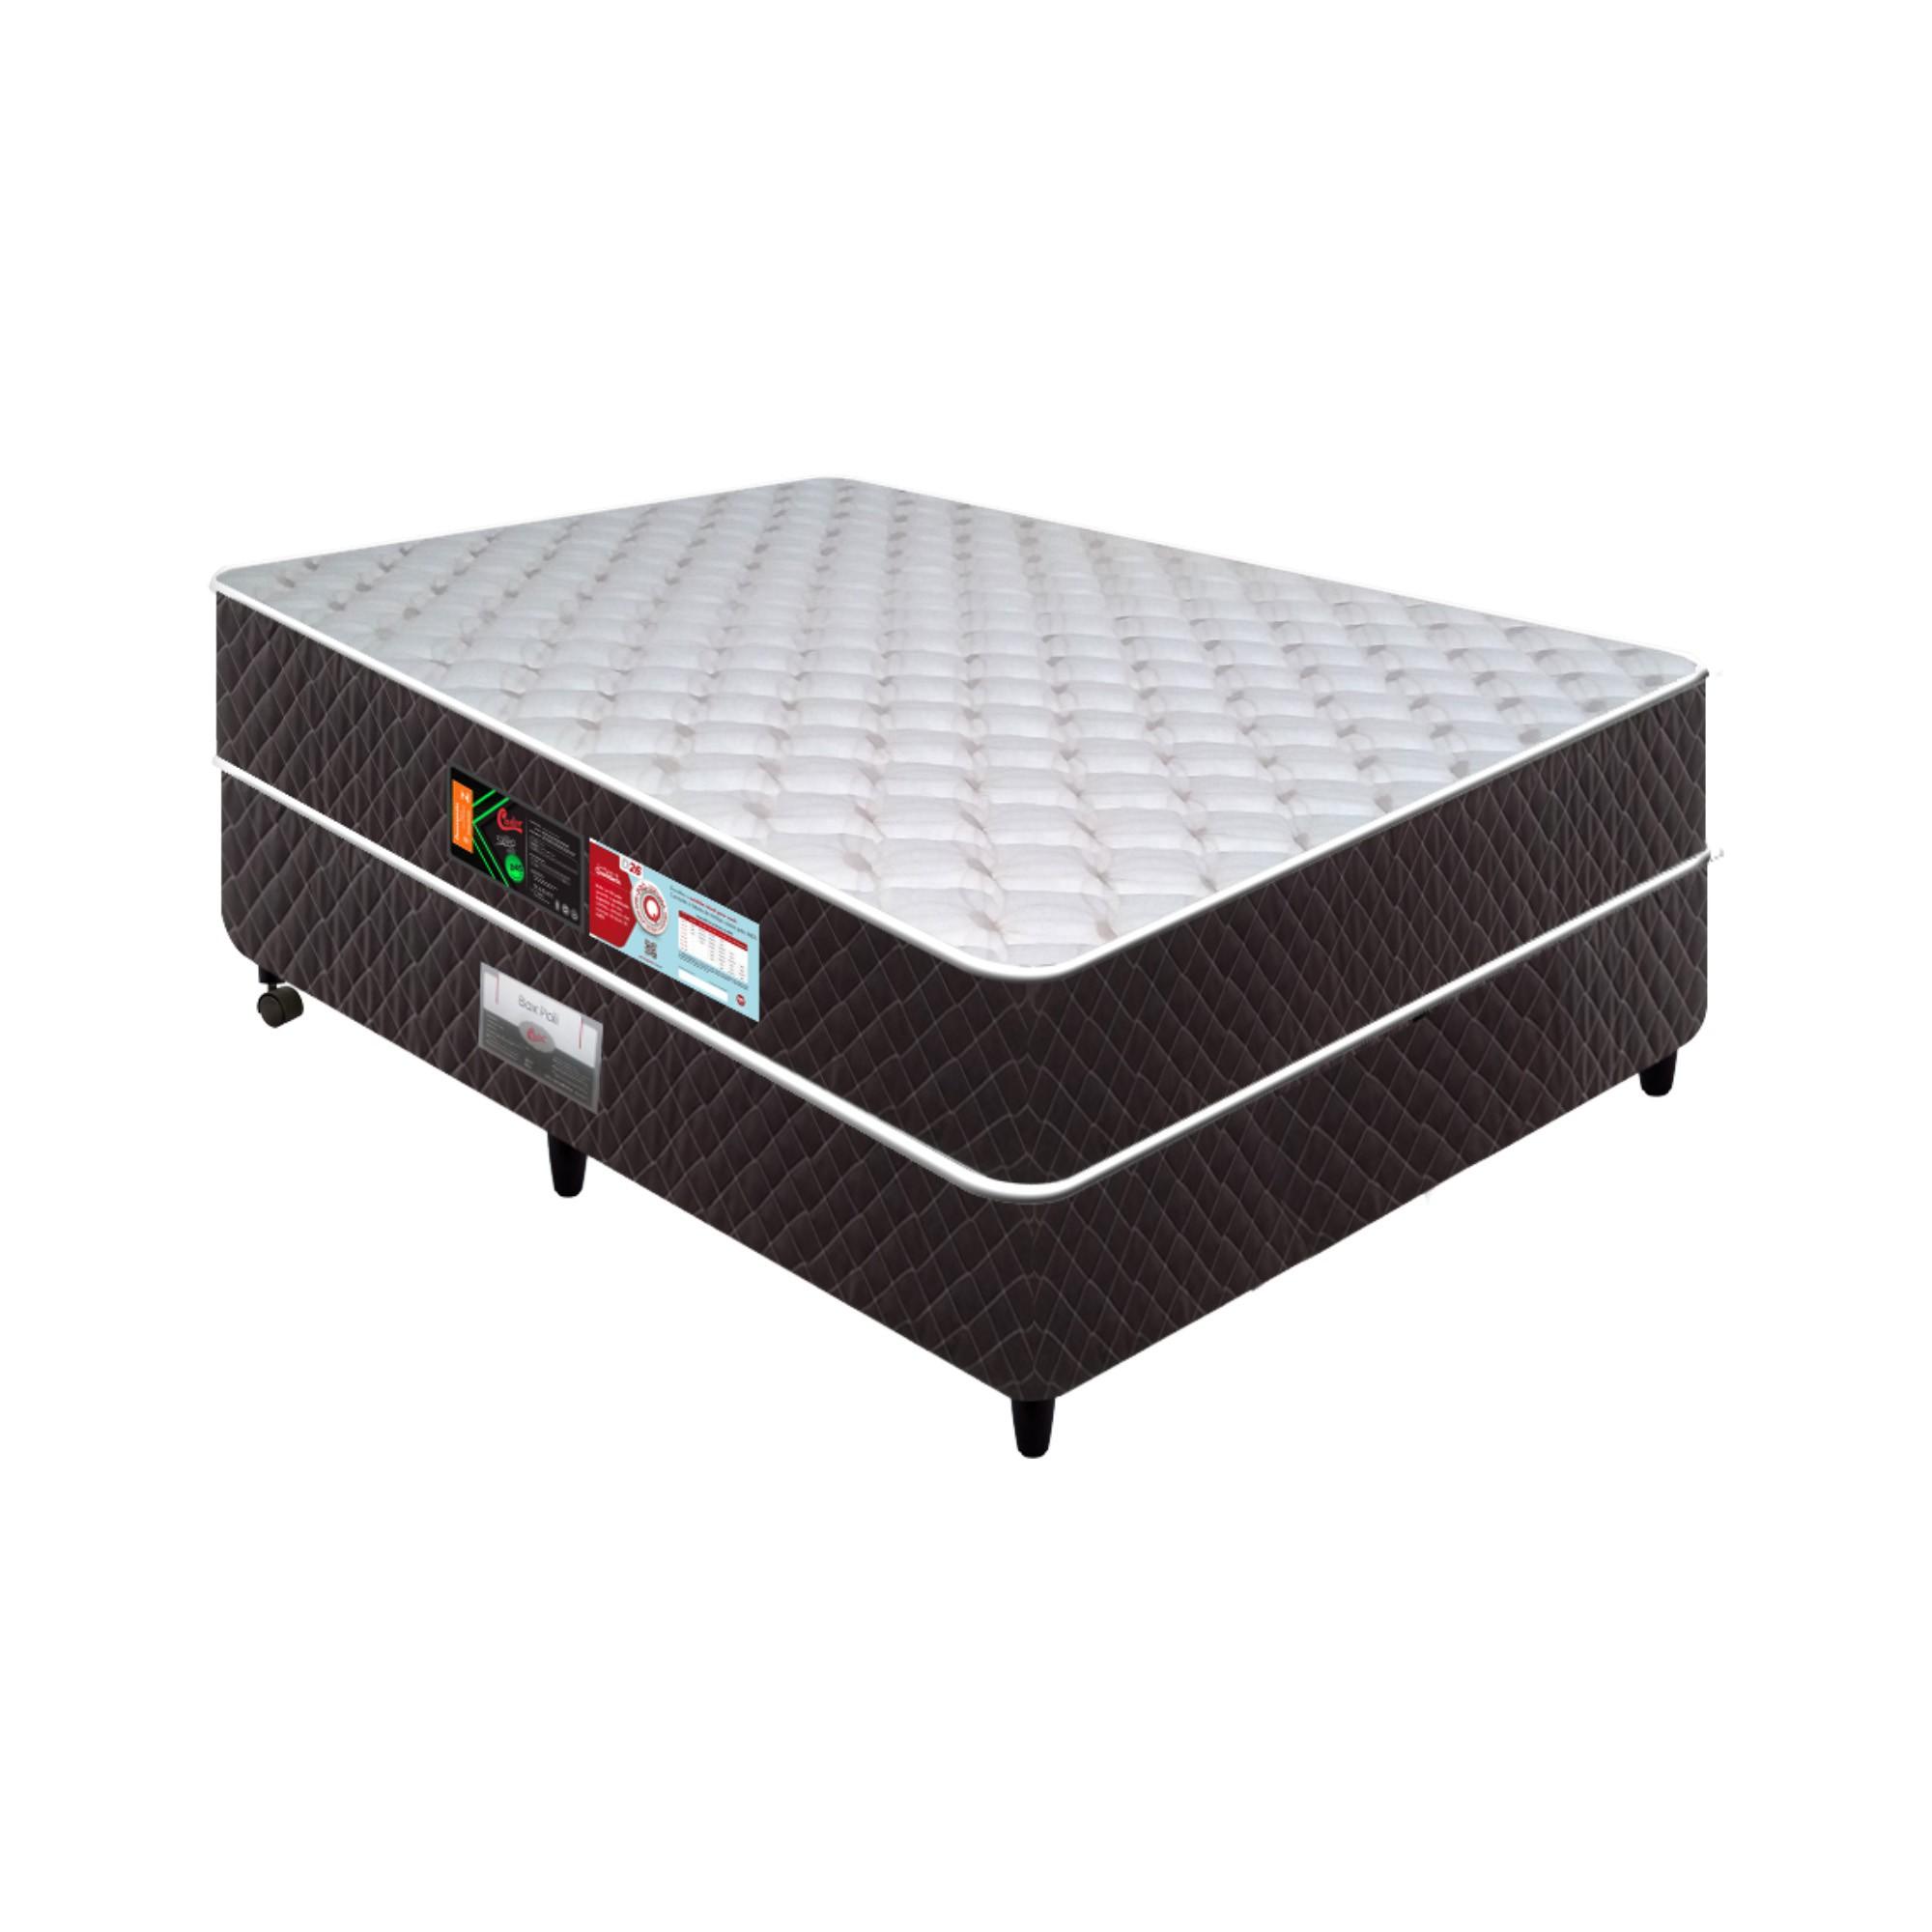 Conjunto Box Castor Sleep Max D28 [Casal 138 x 188 cm]